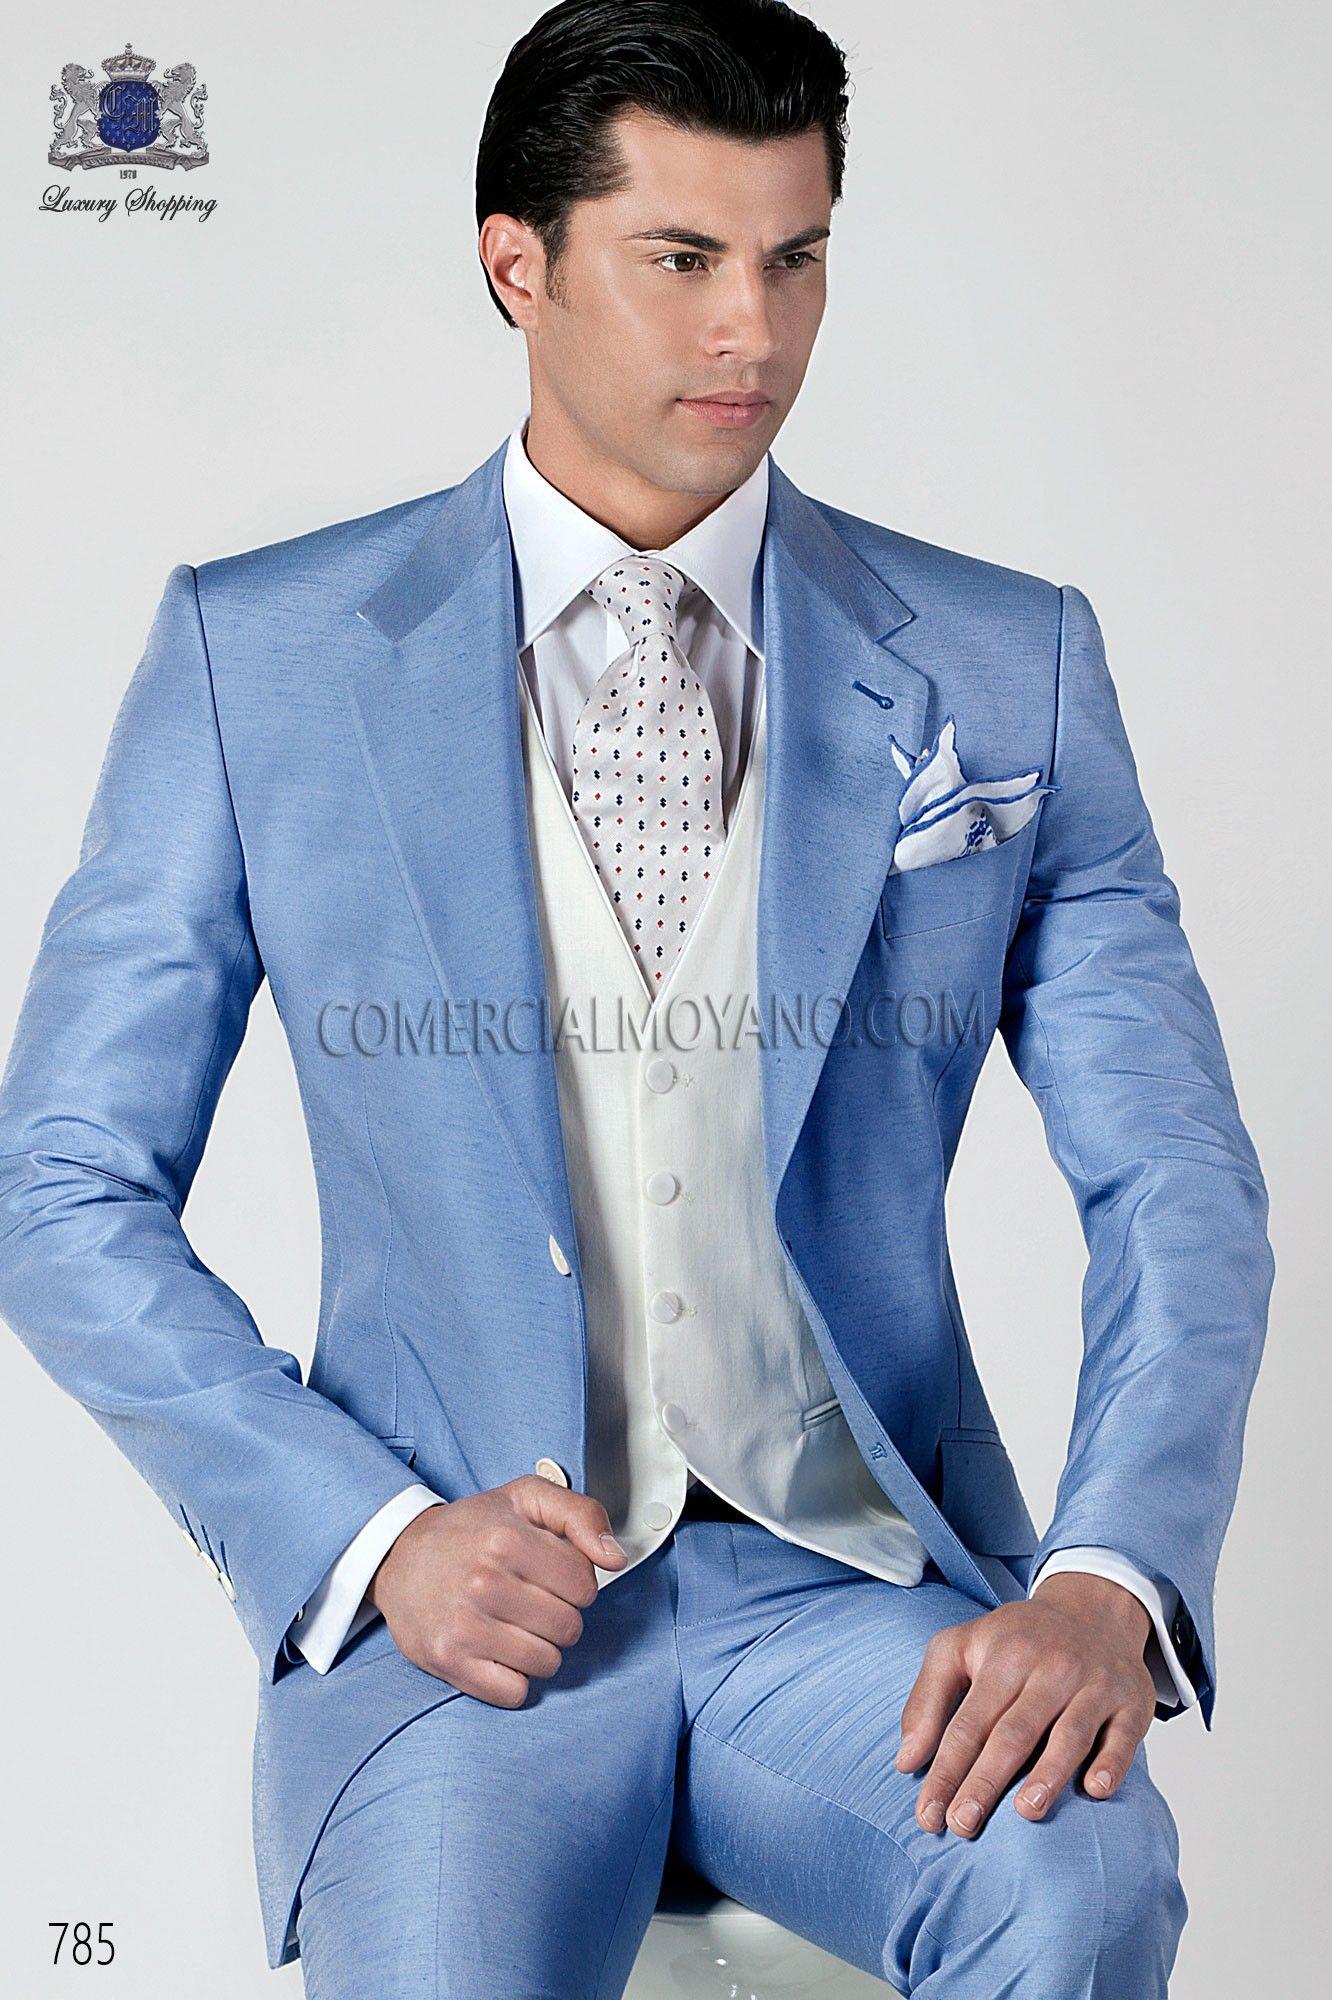 Traje italiano de moda shantung celeste | Men wedding suits, Wedding ...